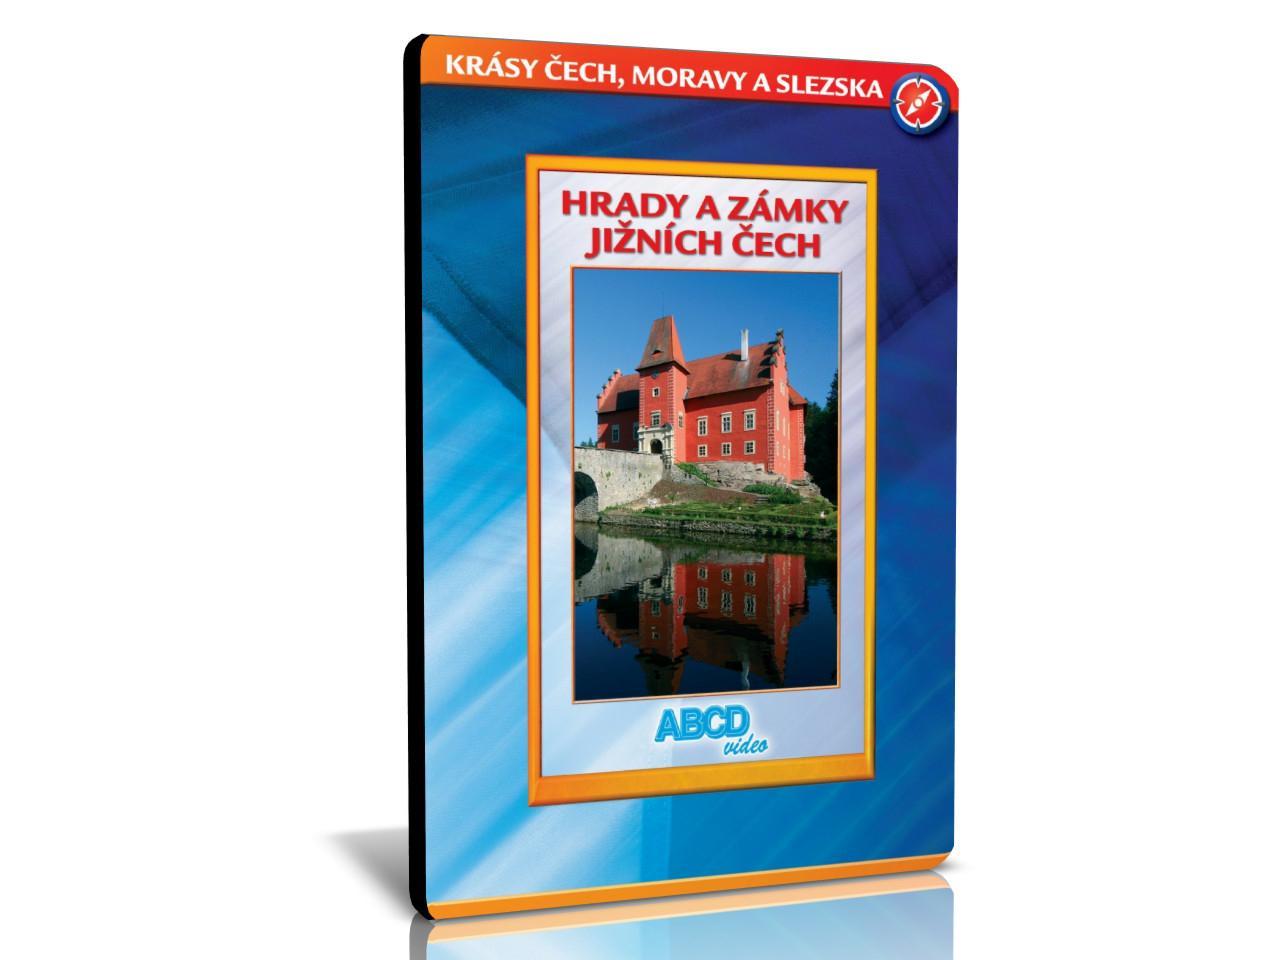 KRÁSY ČECH, MORAVY A SLEZSKA: Hrady a zámky Jižních Čech (DVD)